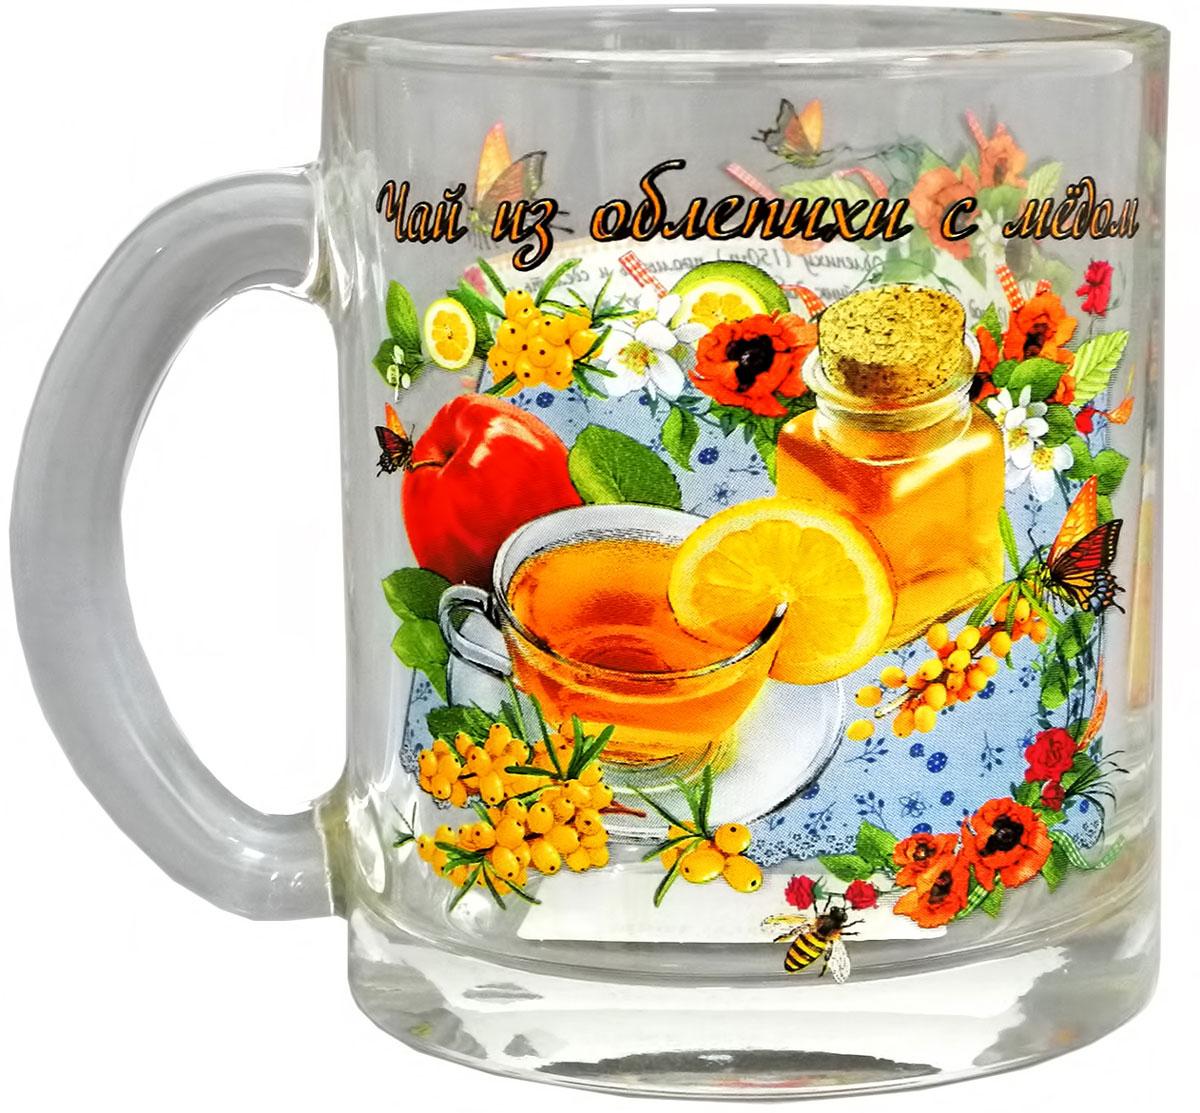 Кружка чайная Квестор Чай из облепихи с медом, 320 мл103-003Кружка чайная Квестор Чай из облепихи с медом, 320 мл